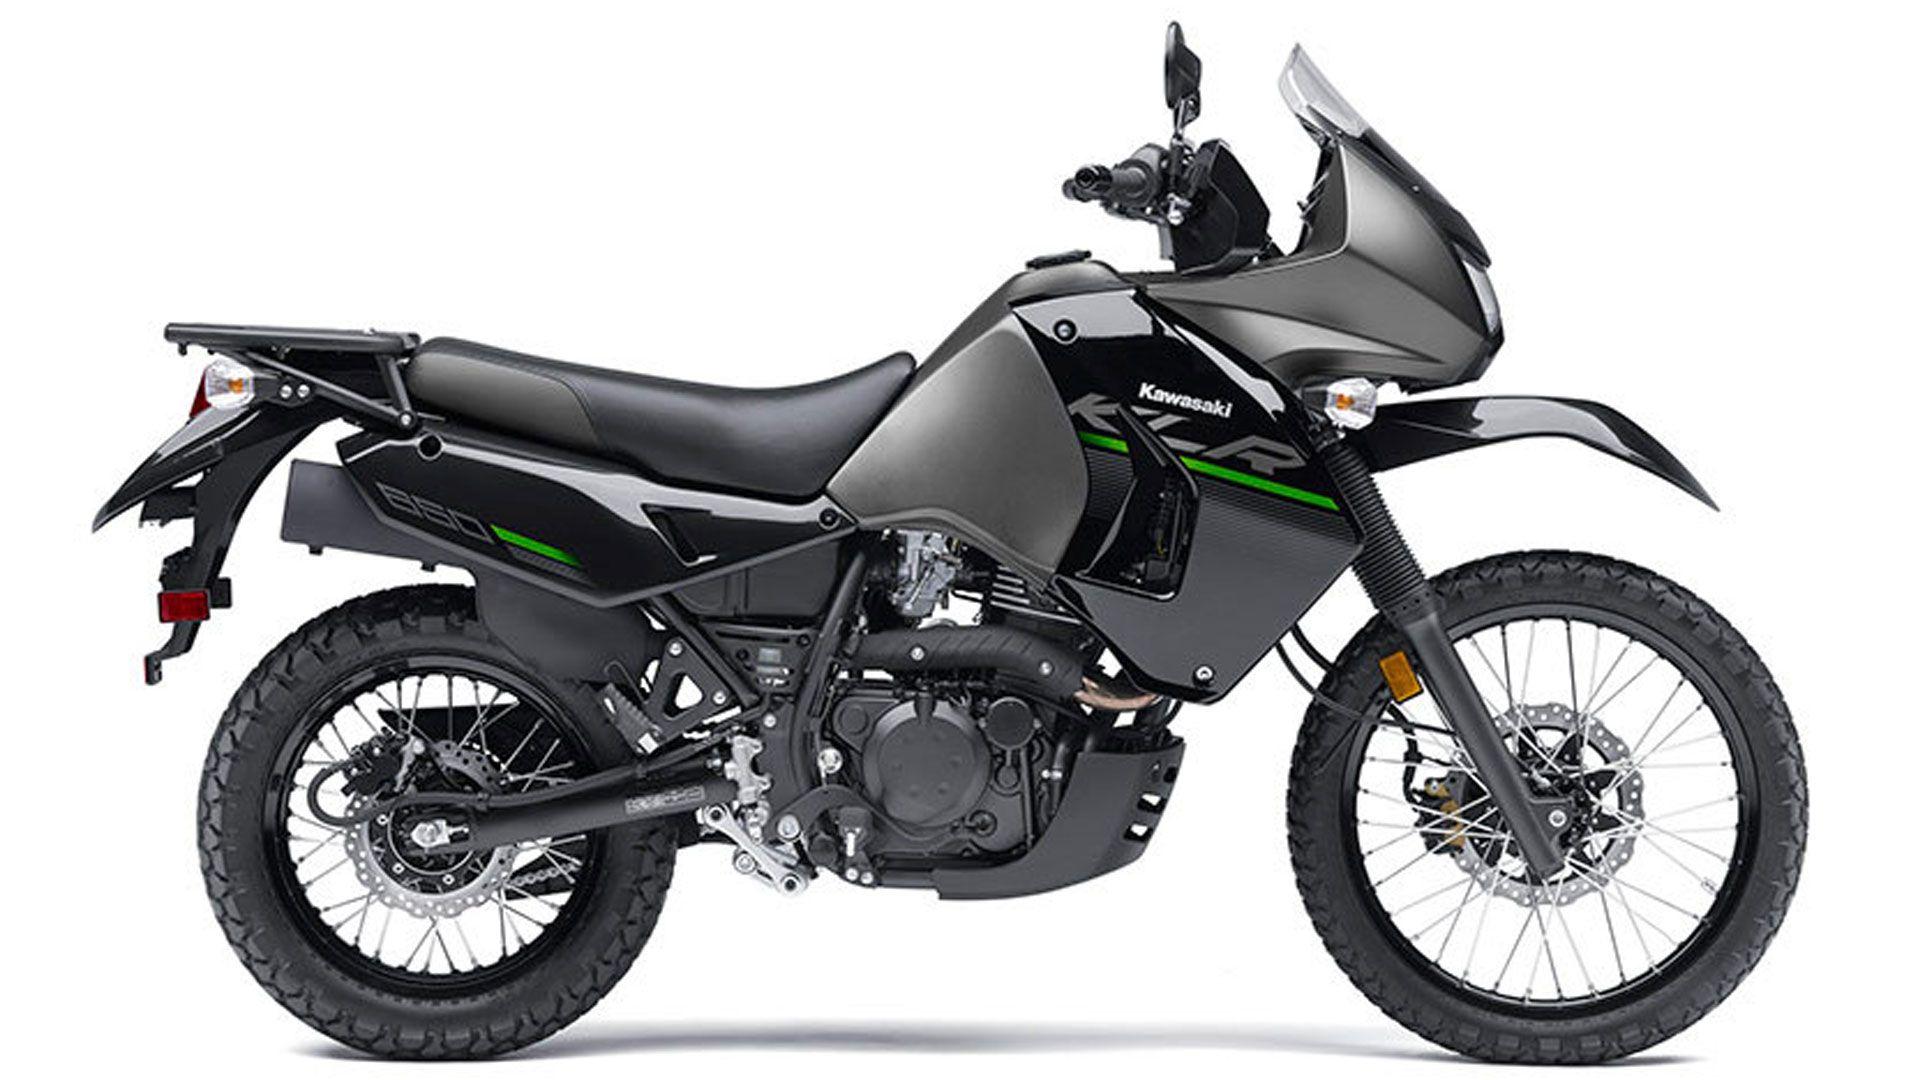 2014 Kawasaki KLR 650 Special Edition model 2014 Kawasaki